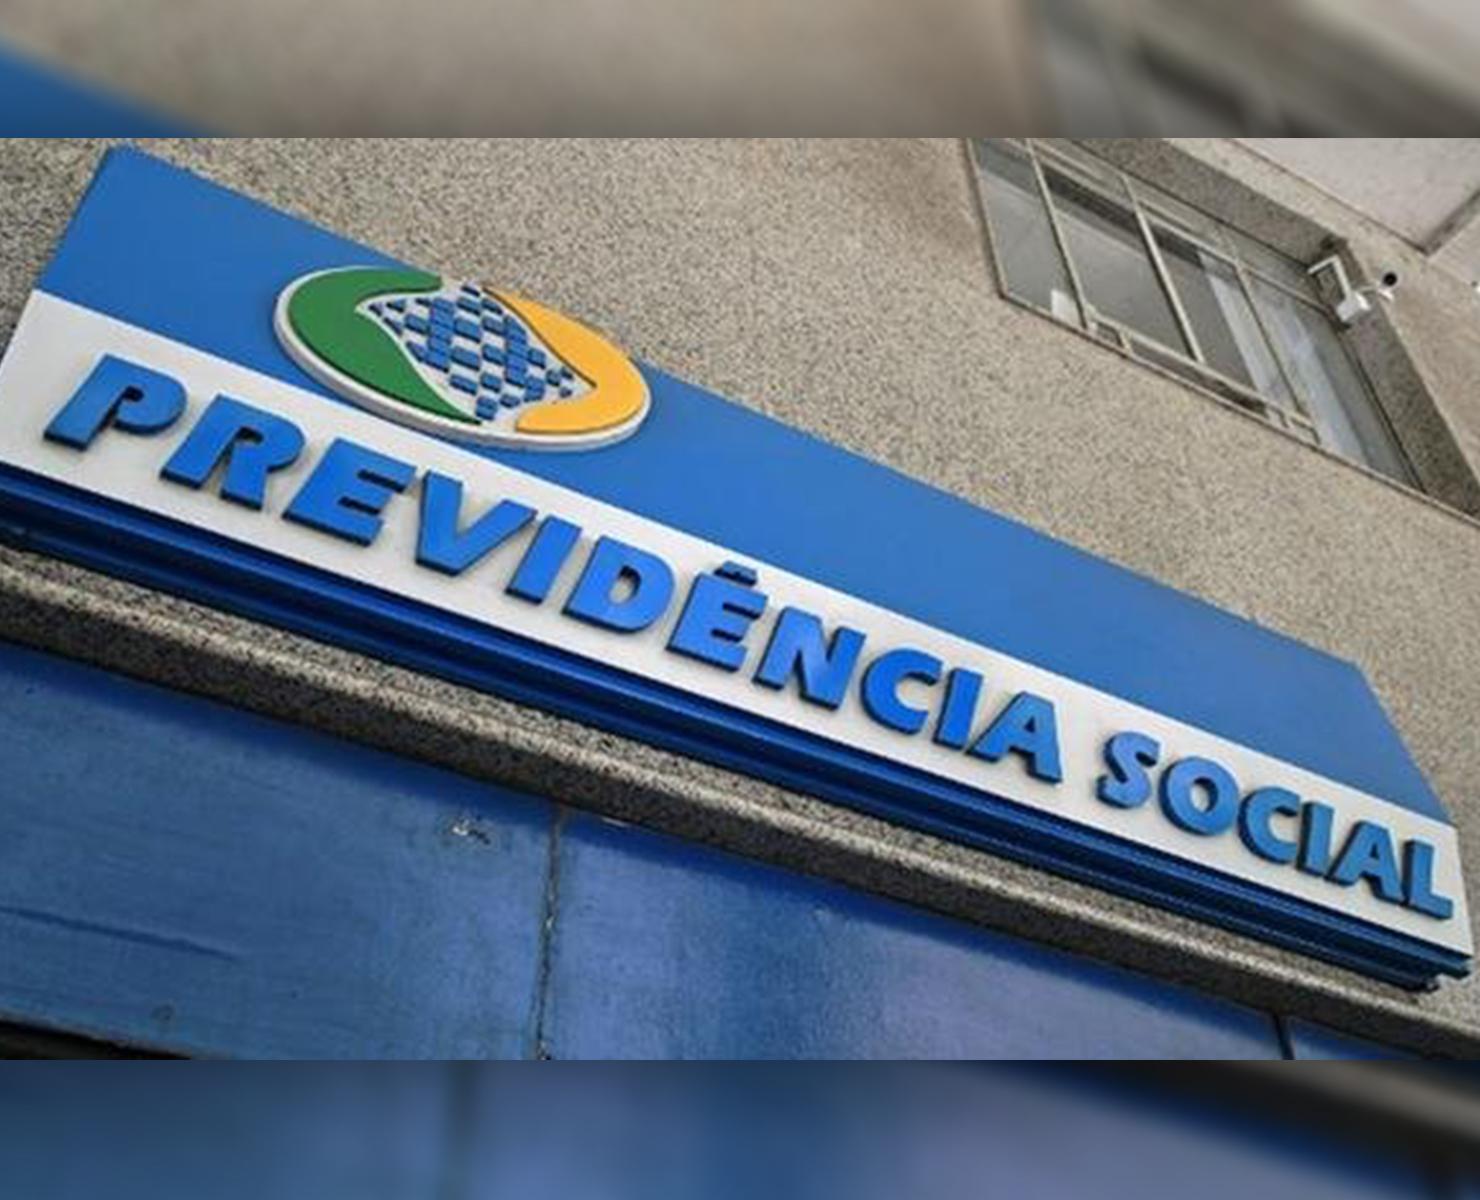 PENTE-FINO: 170 MIL APOSENTADORIAS SÃO CANCELADAS